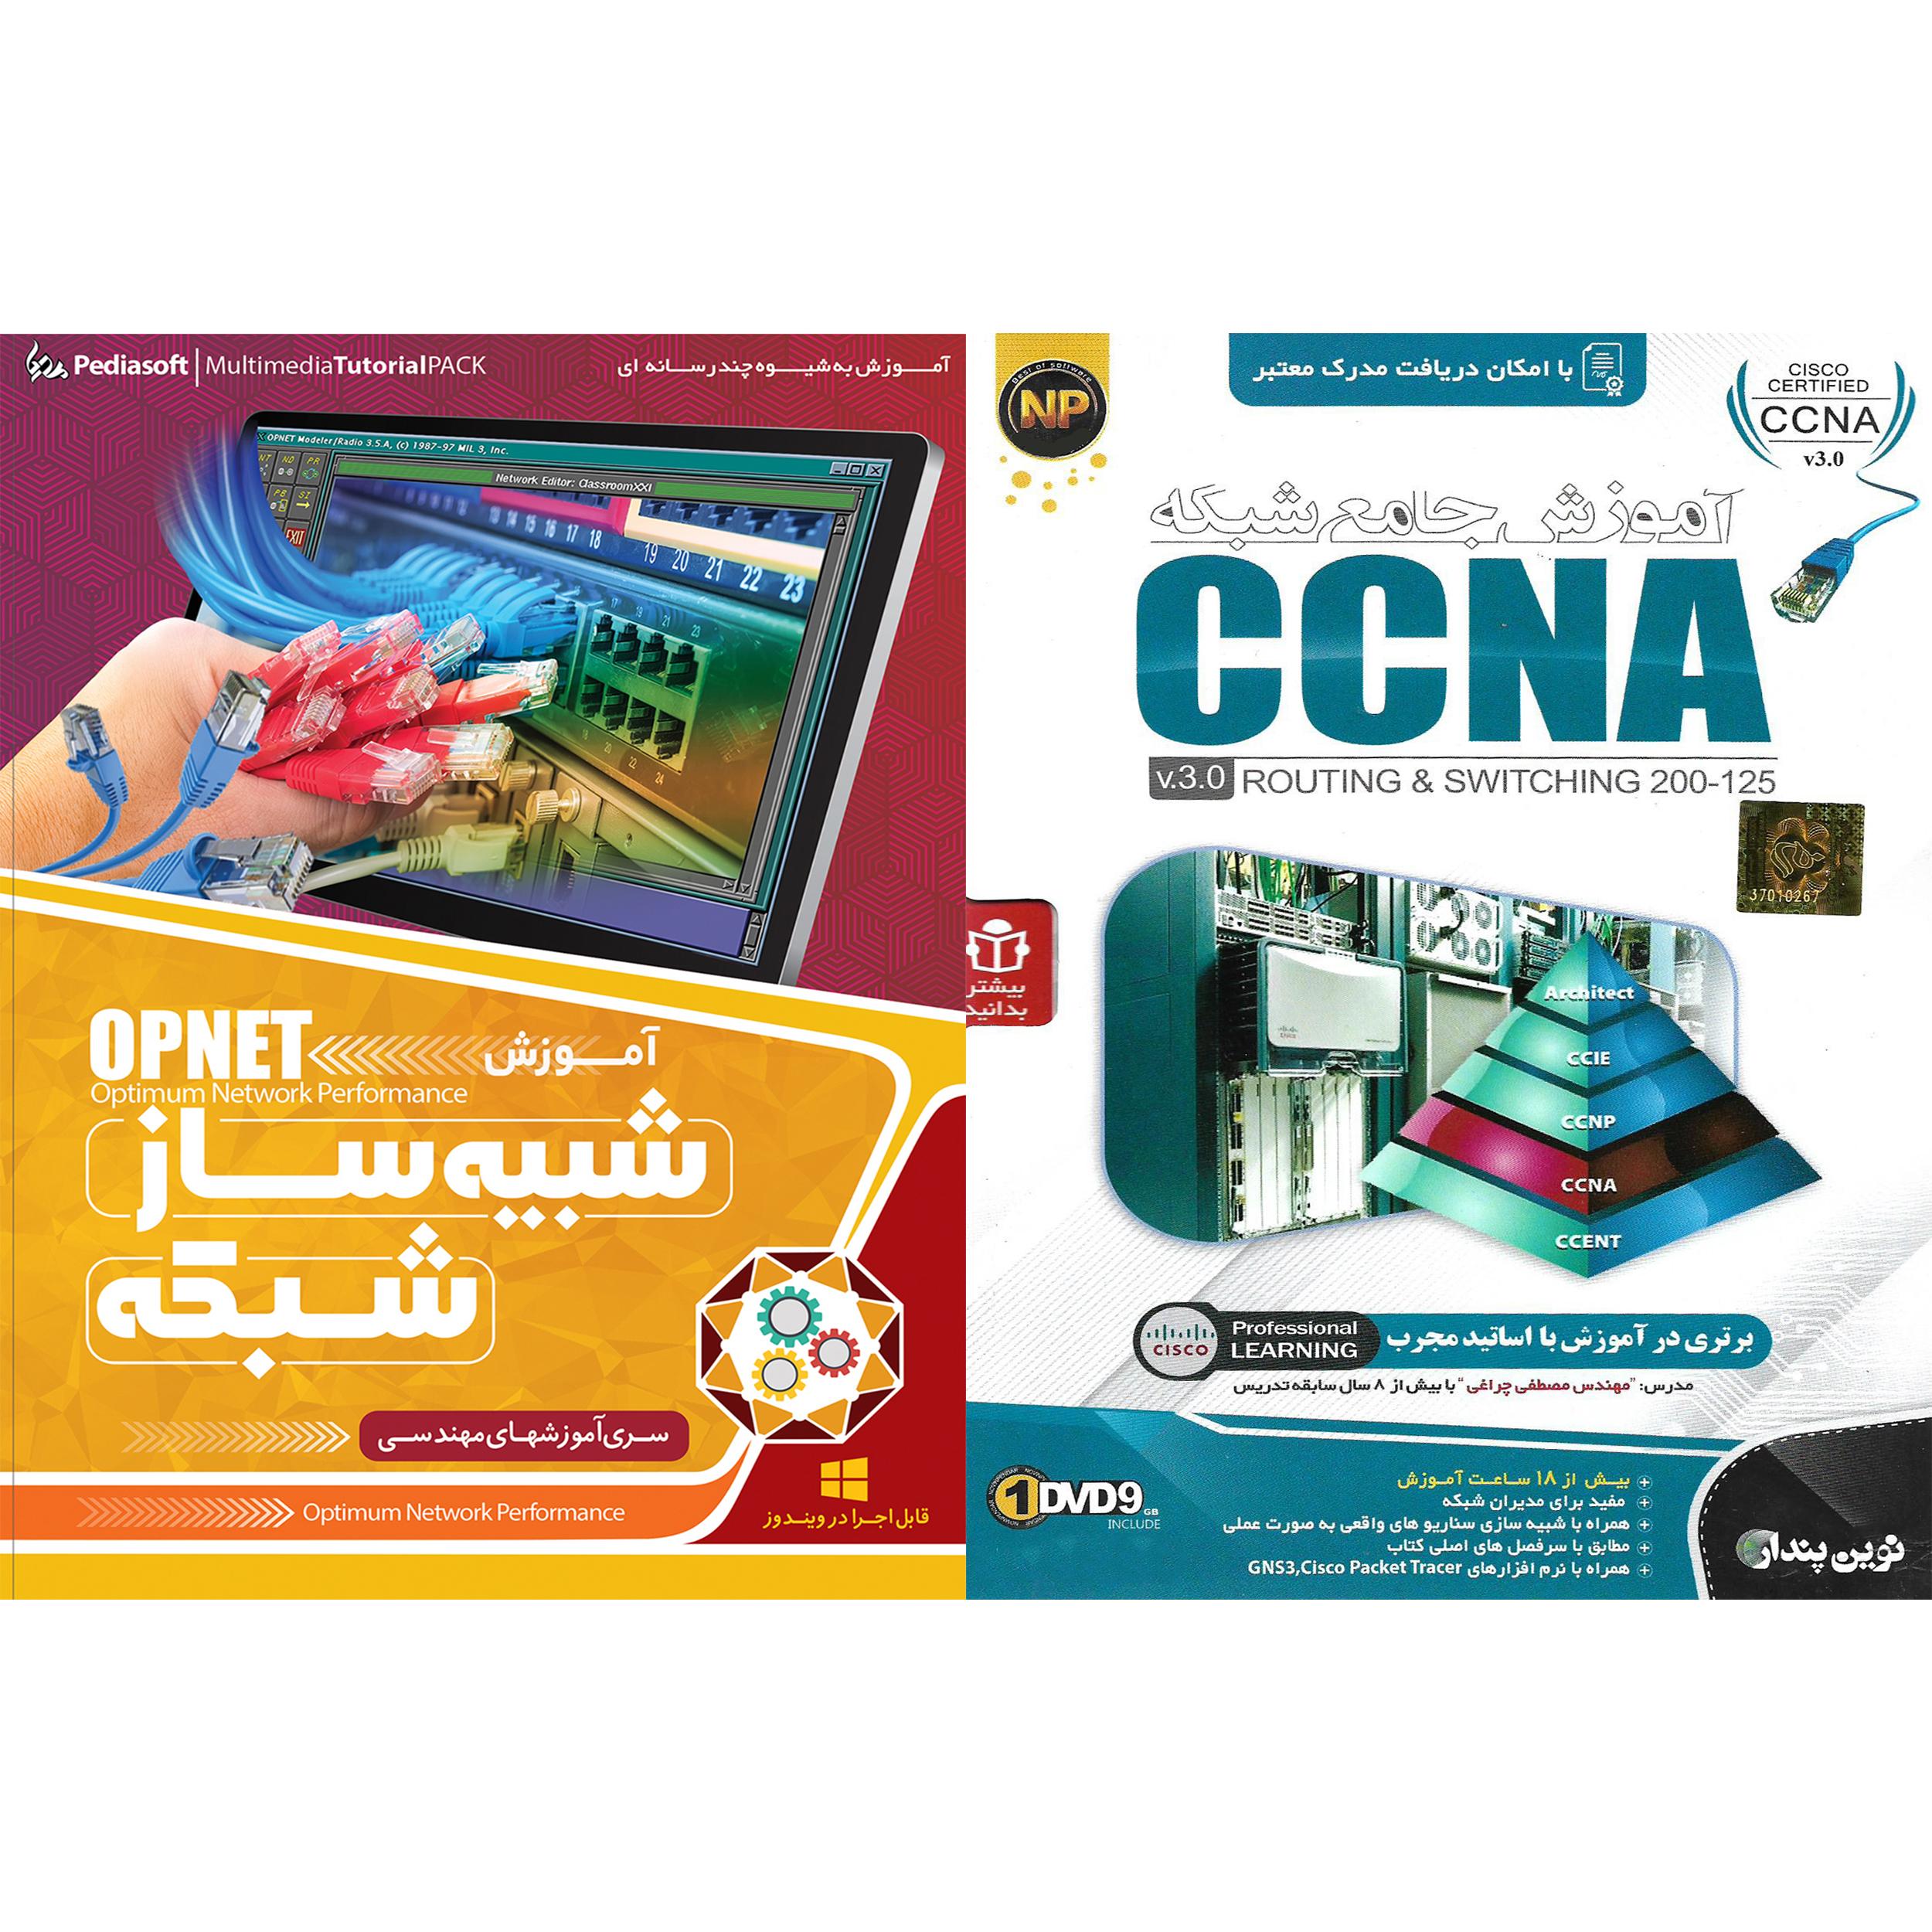 نرم افزار آموزش شبکه CCNA نشر نوین پندار به همراه نرم افزار آموزش شبیه ساز شبکه OPNET نشر پدیا سافت